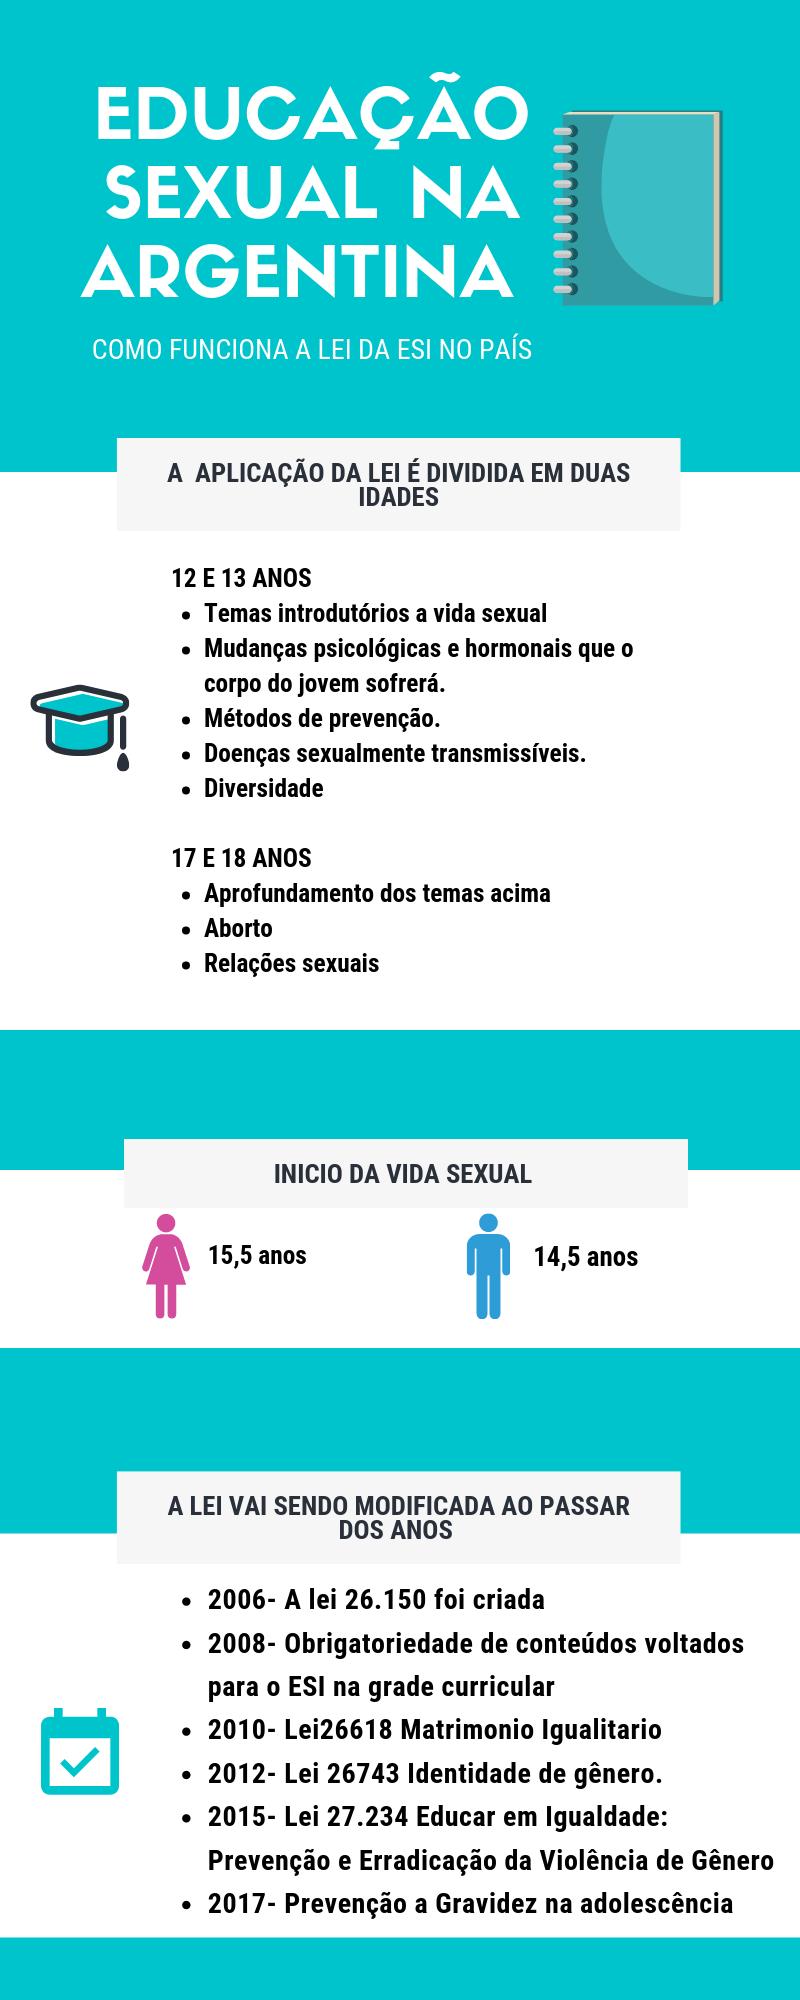 Tabu no Brasil, educação sexual é lei na Argentina